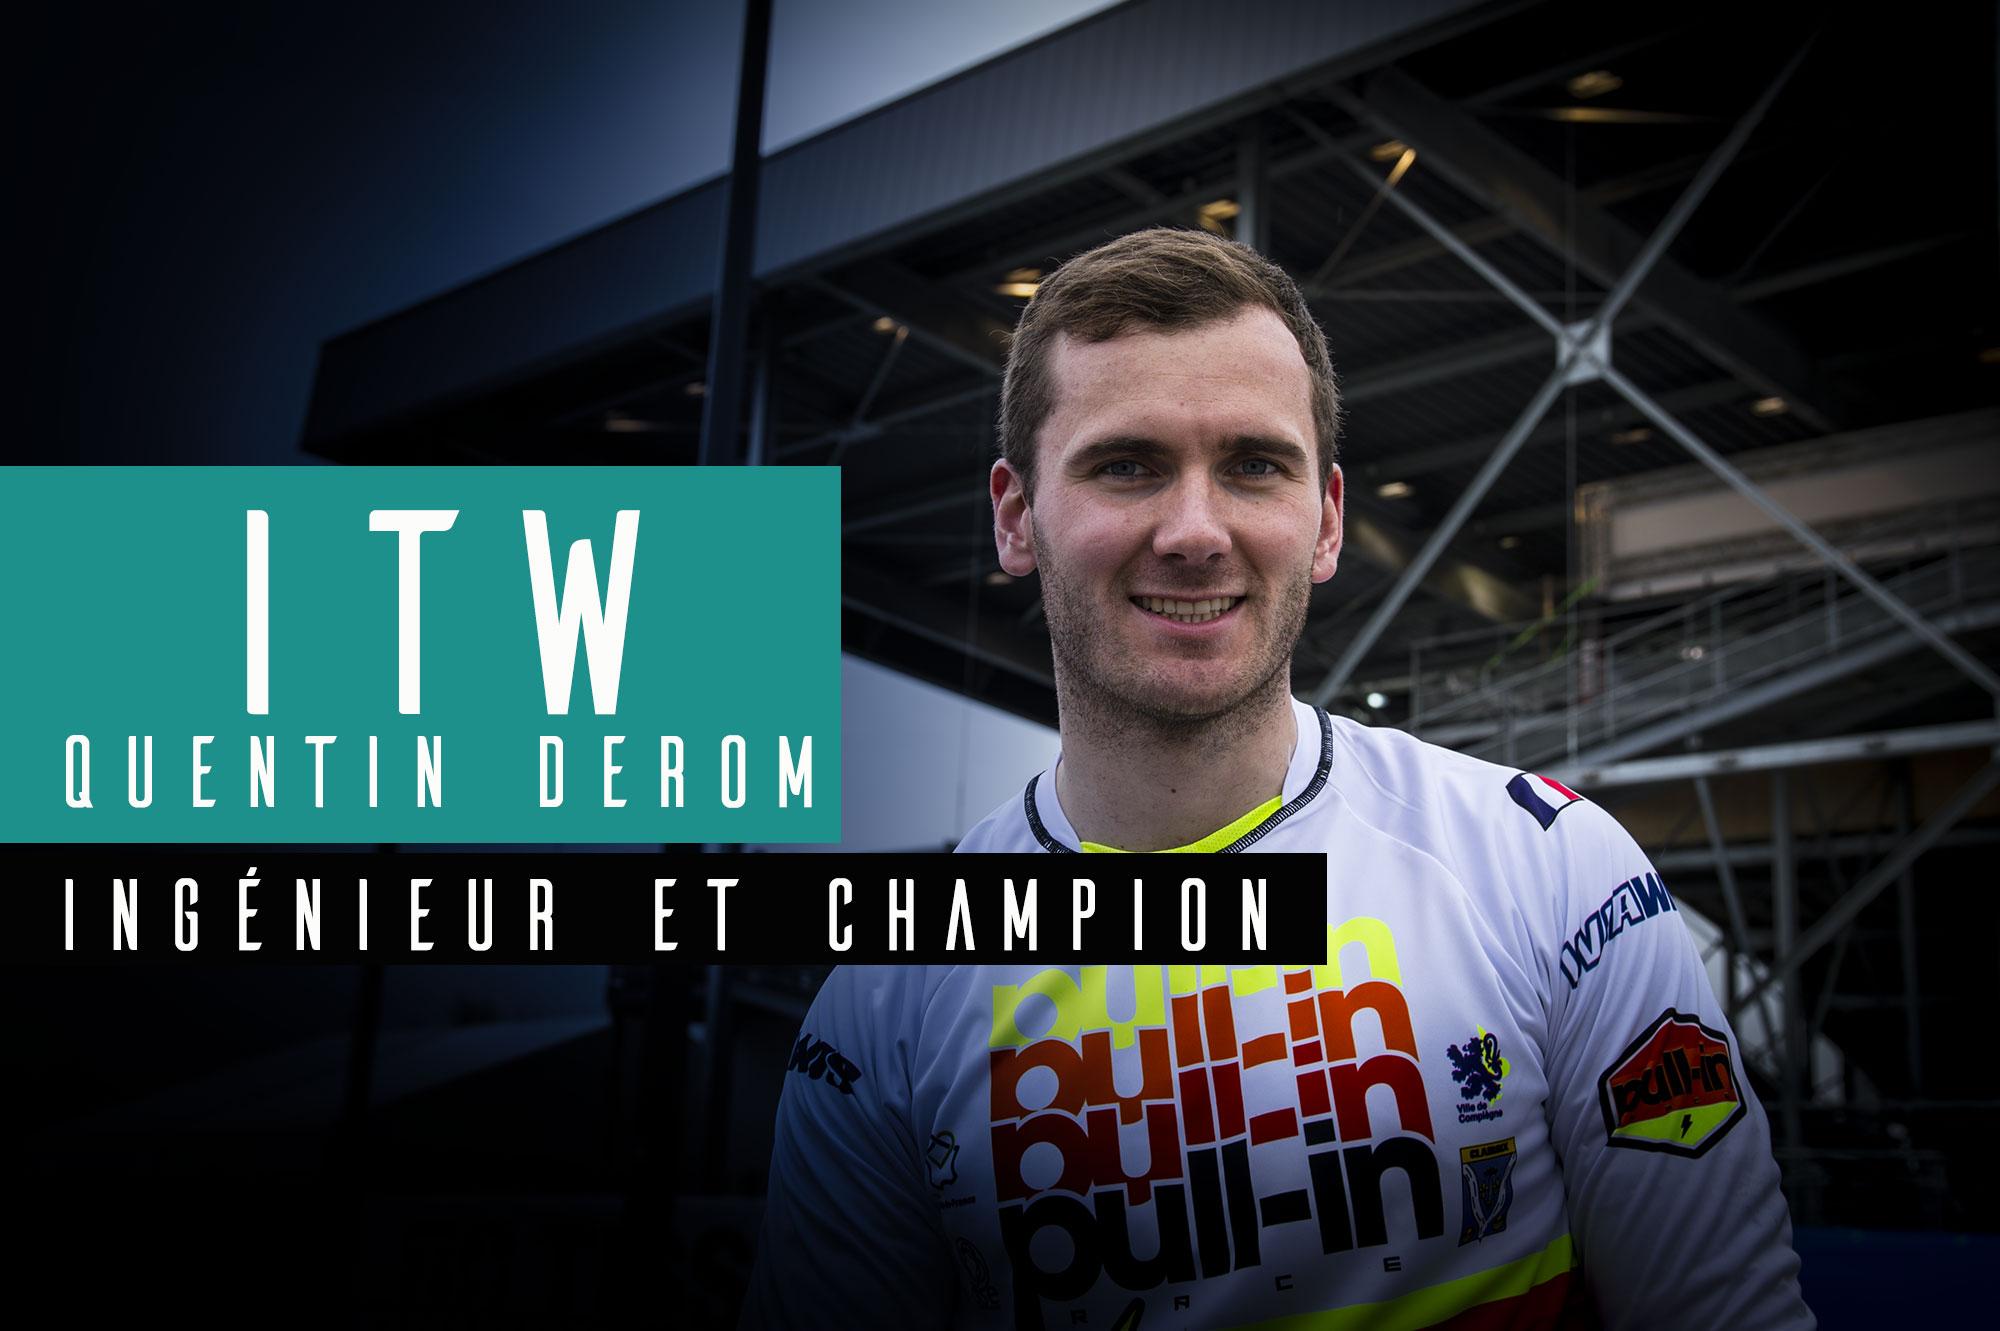 ITW Quentin DEROM: Études+BMX, il a tout compris !